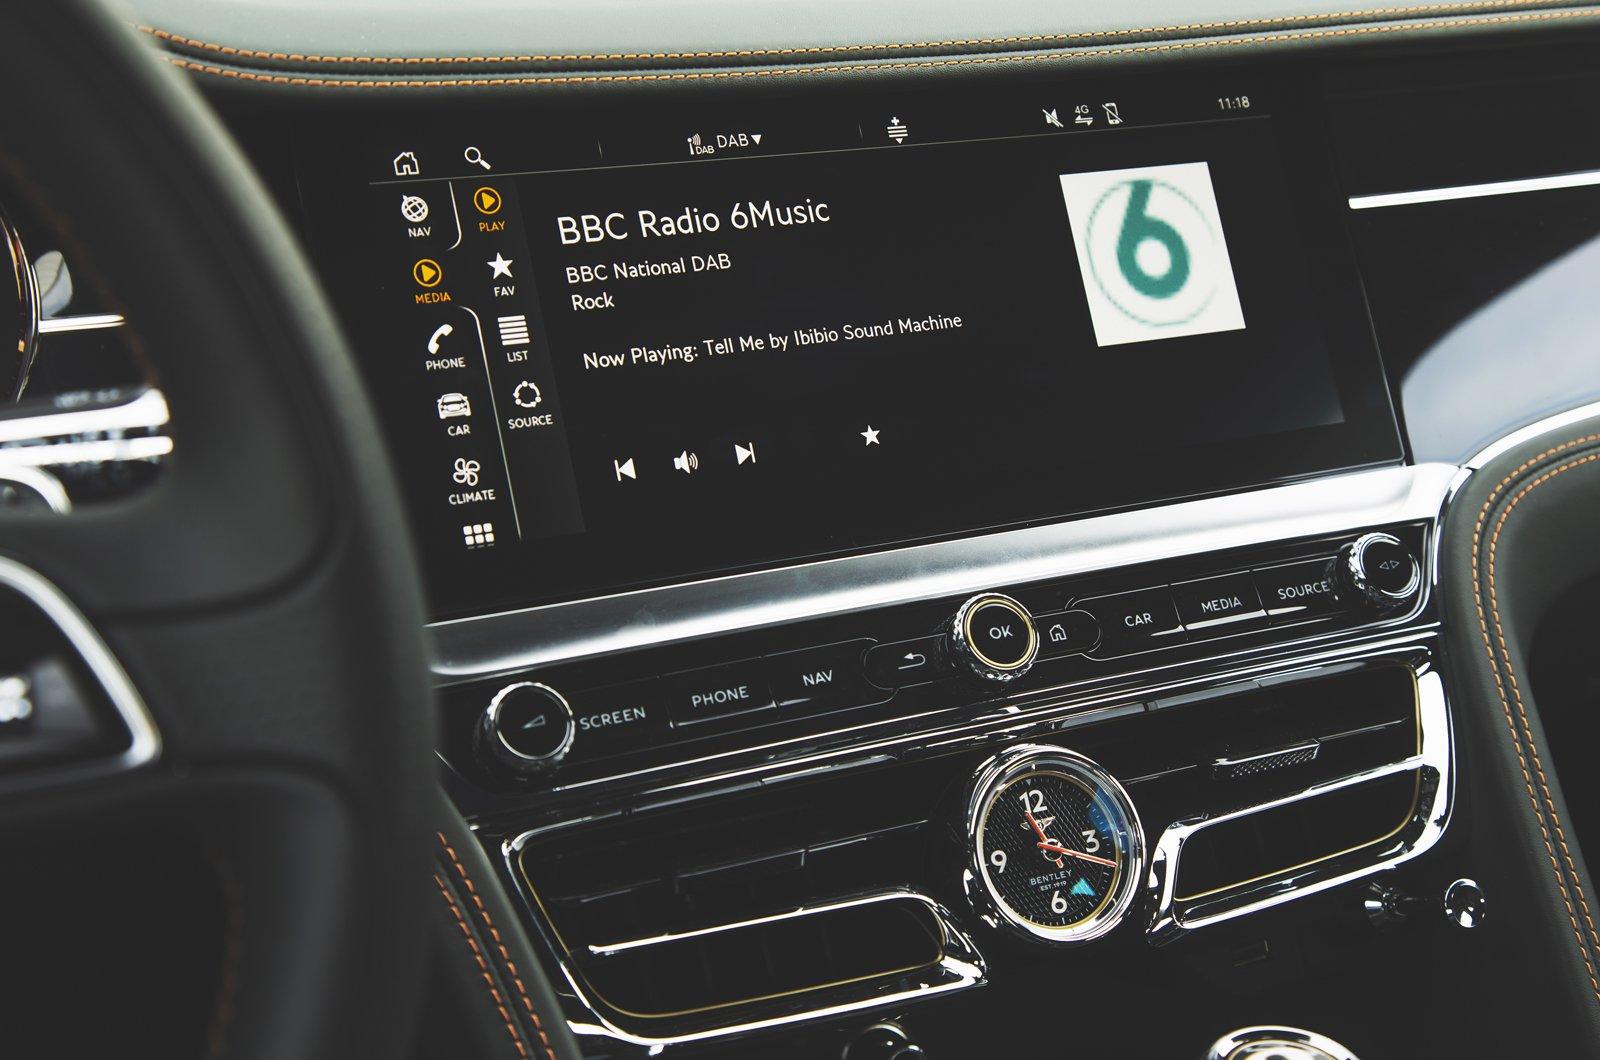 2020 Bentley Flying Spur touchscreen